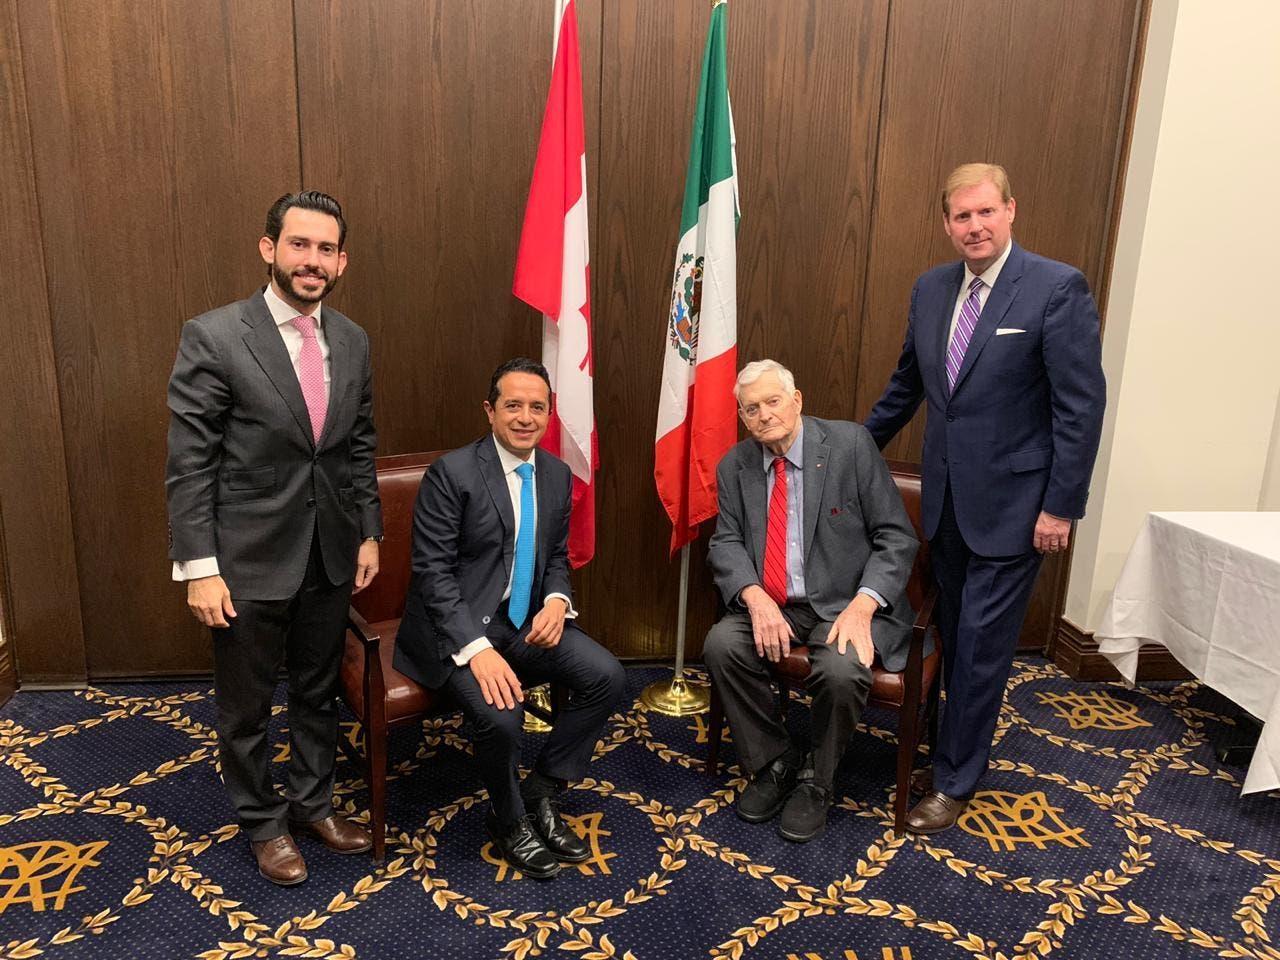 Confirma Carlos Joaquín histórica inversión para Chetumal por 240 mdp